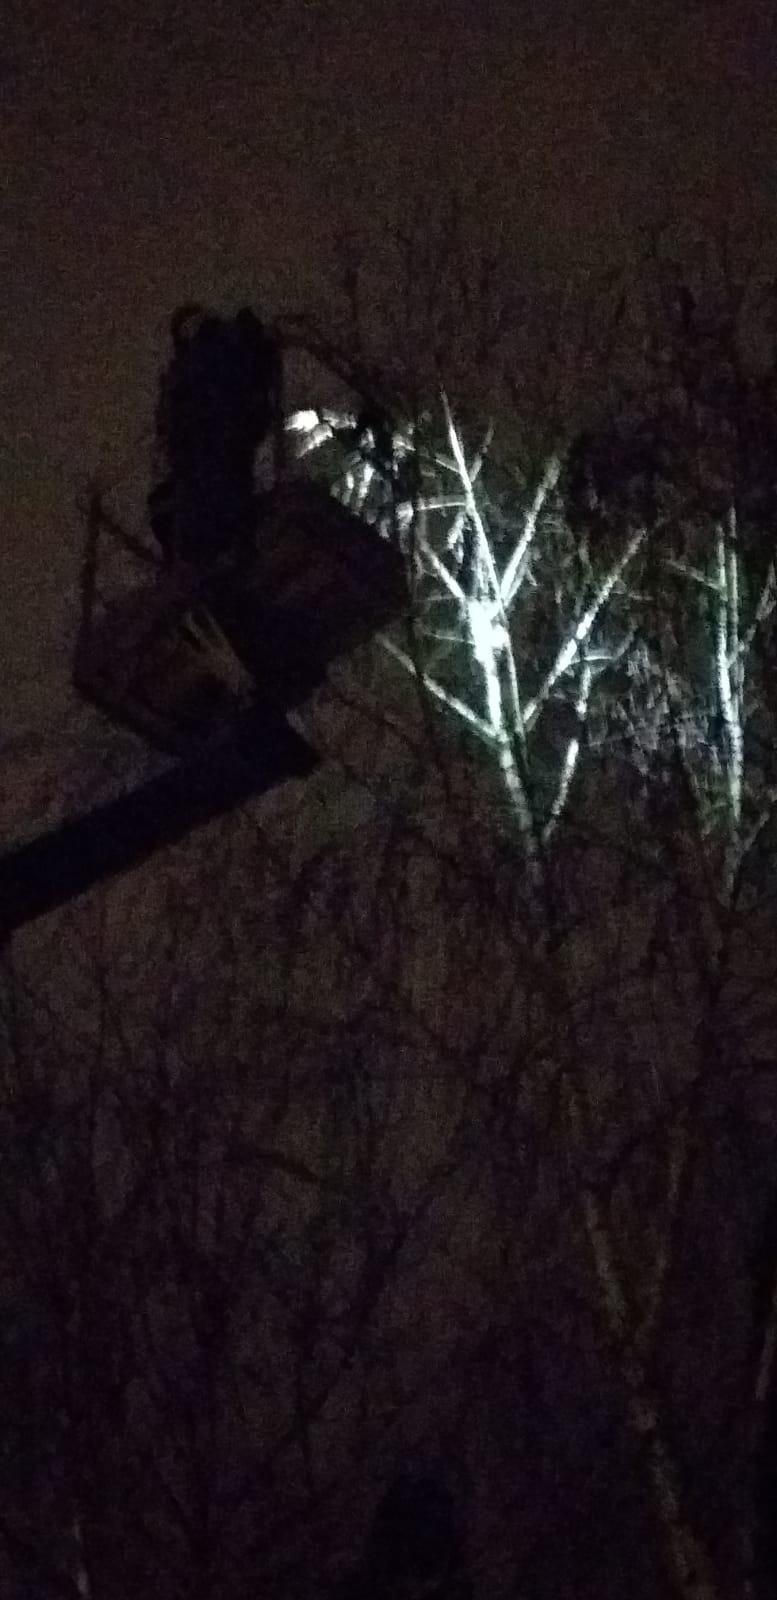 S-a urcat într-un copac și i-a fost frică să coboare. SVSU a rezolvat problema